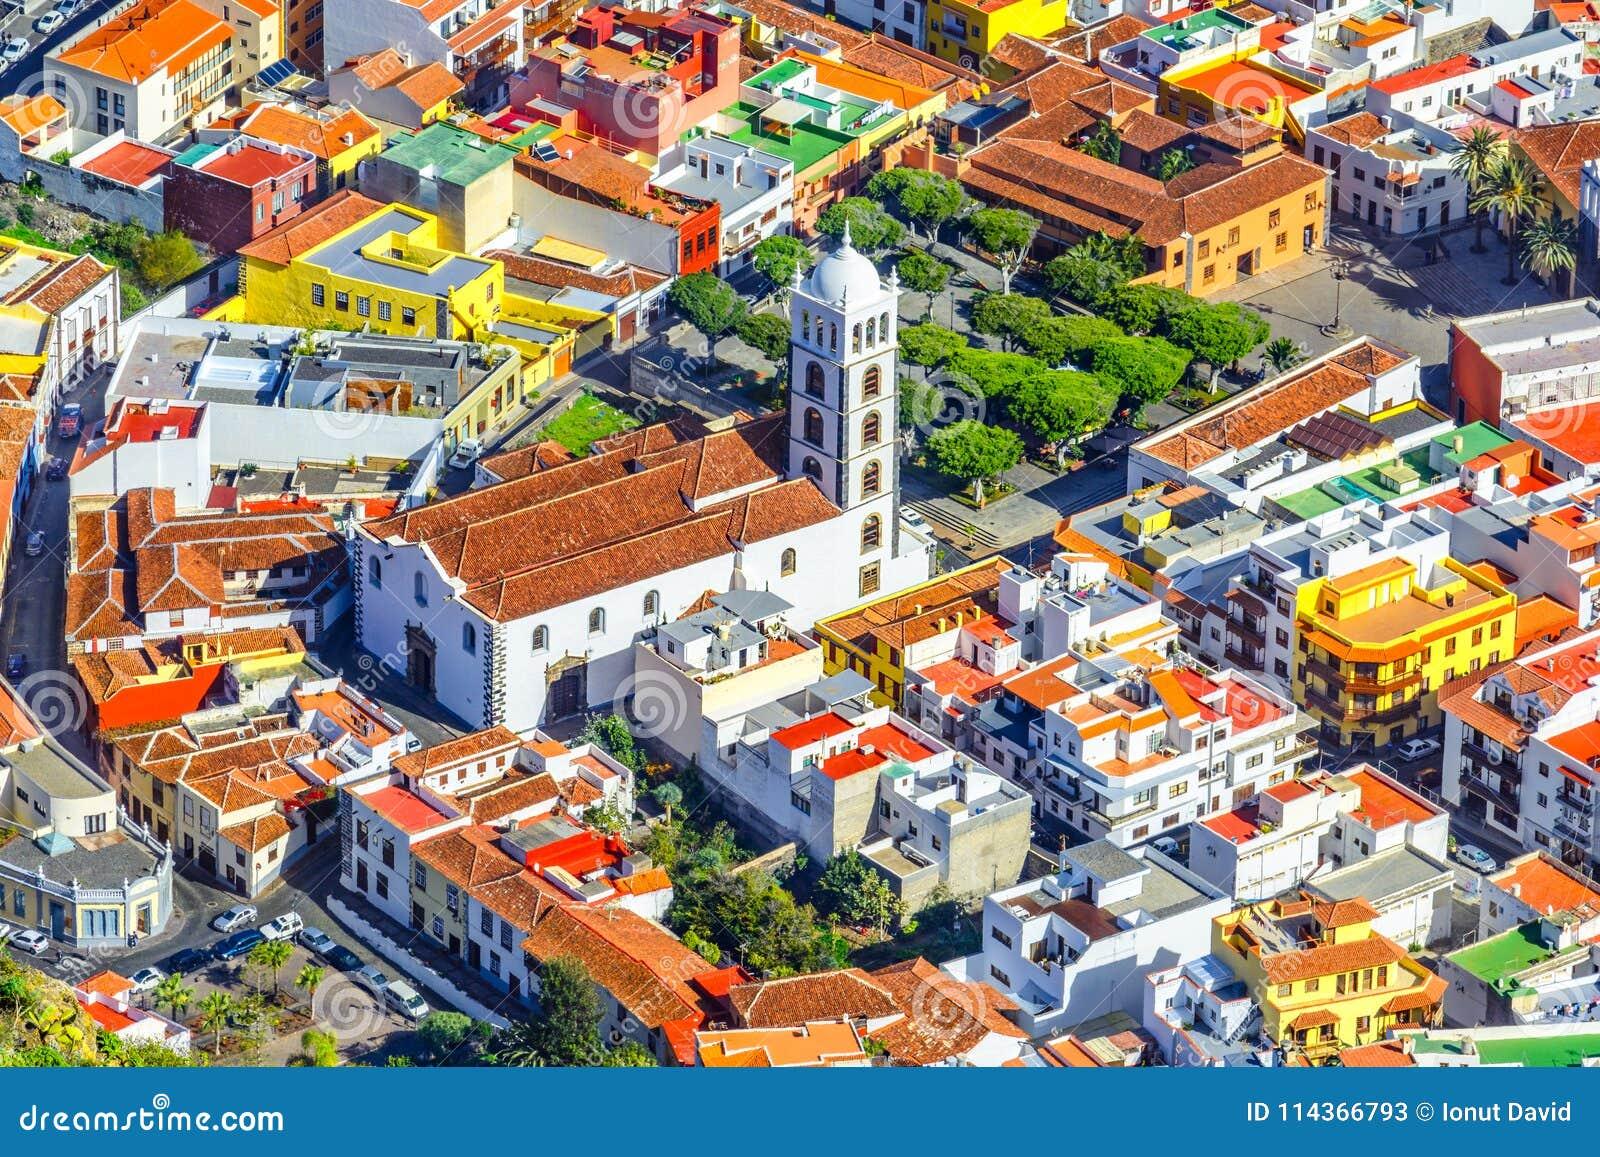 Tenerife, Canarische Eilanden, Spanje: Overzicht van de mooie stad met Kerk van Santa Ana